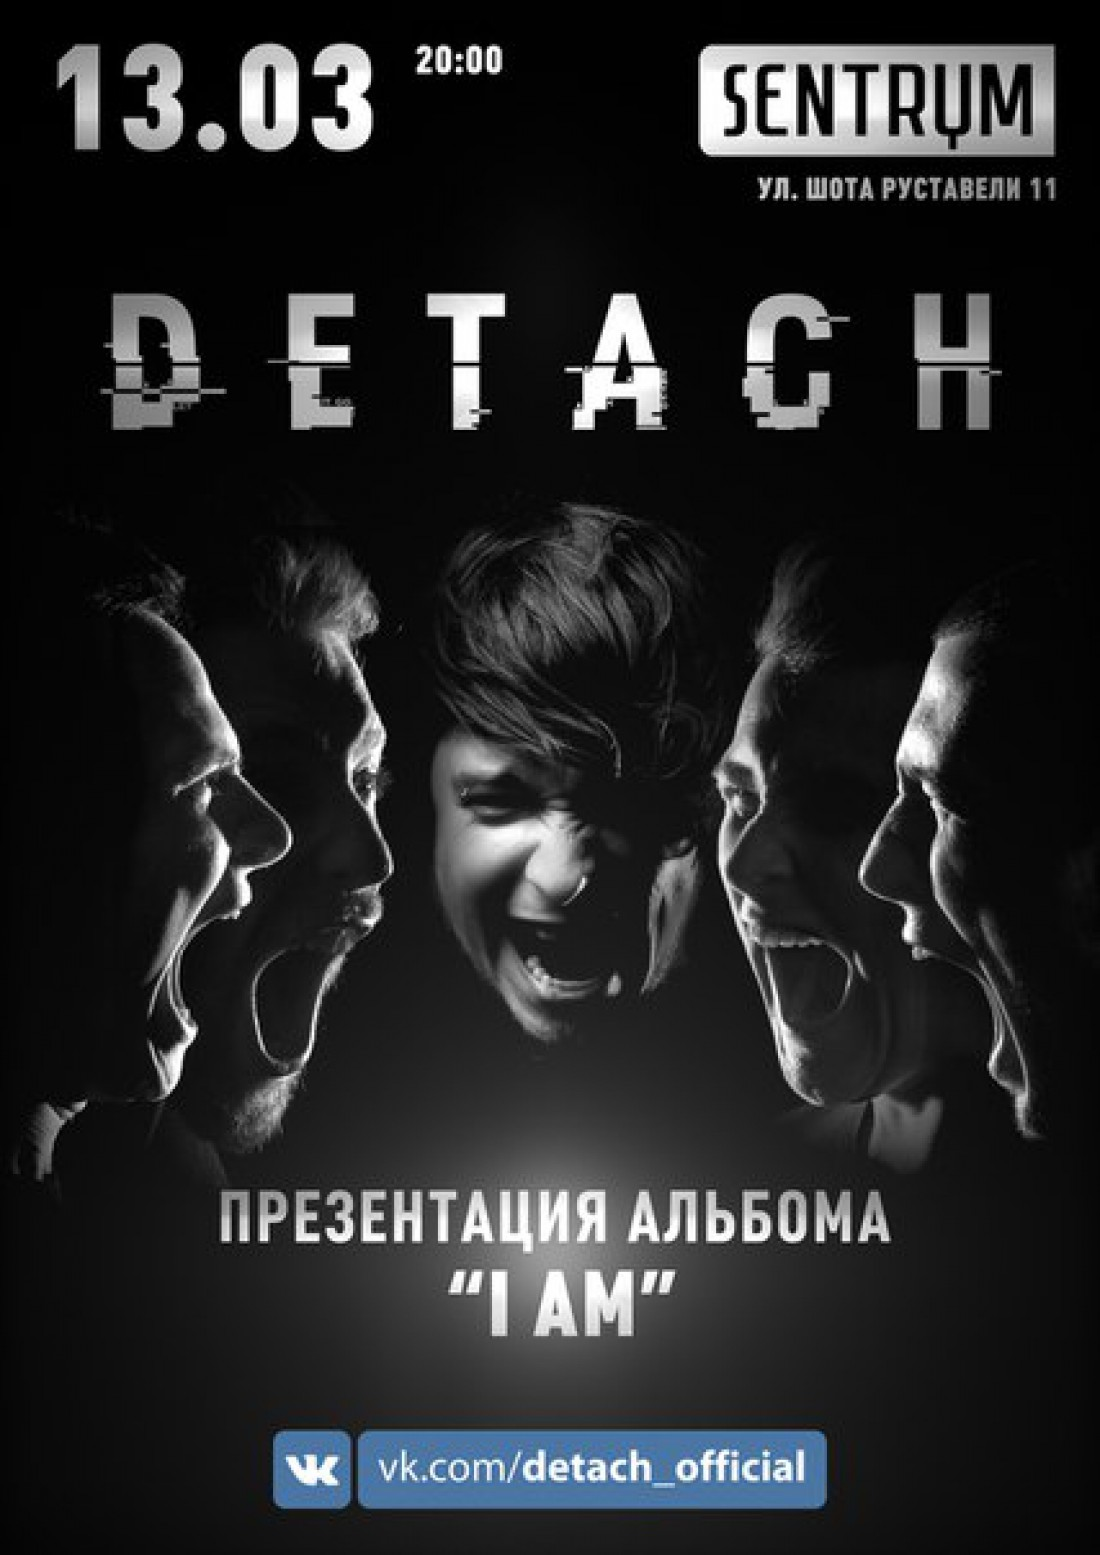 Афиша концерта DETACH